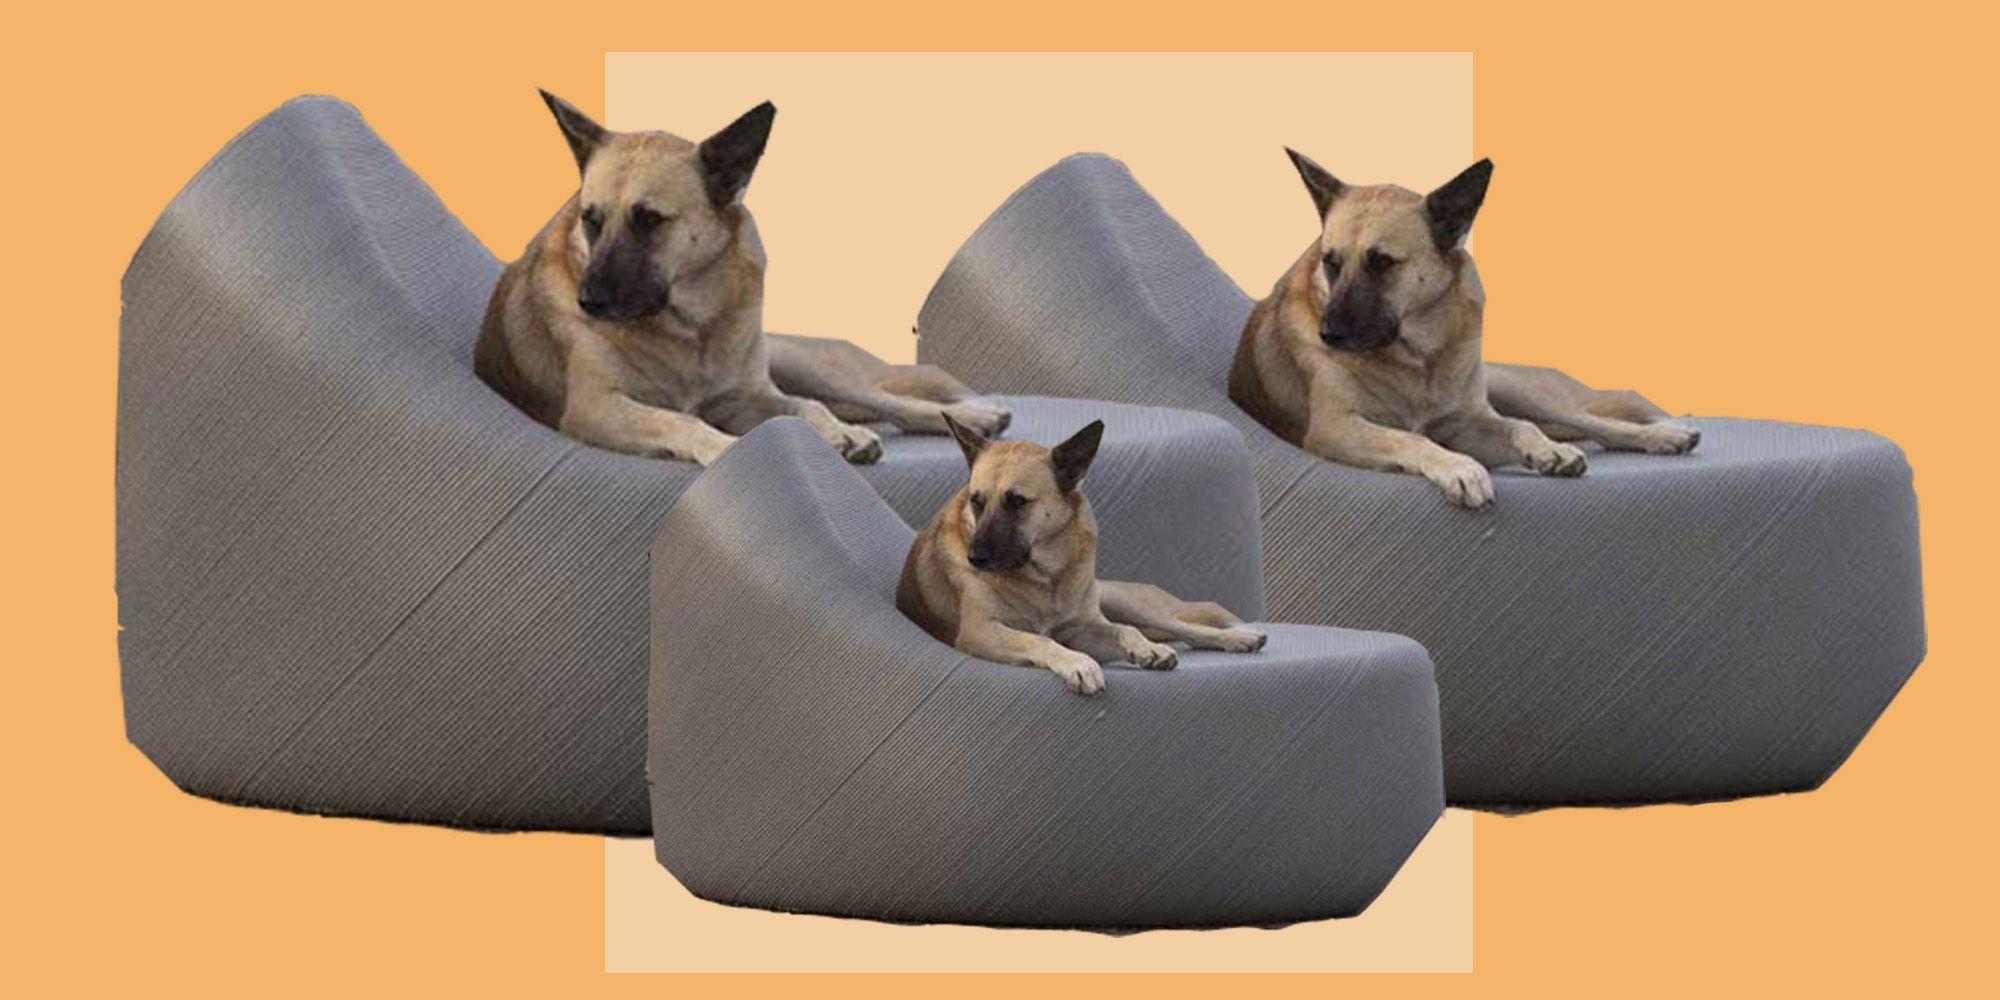 Dit meubel is stoel en plantenbak ineen